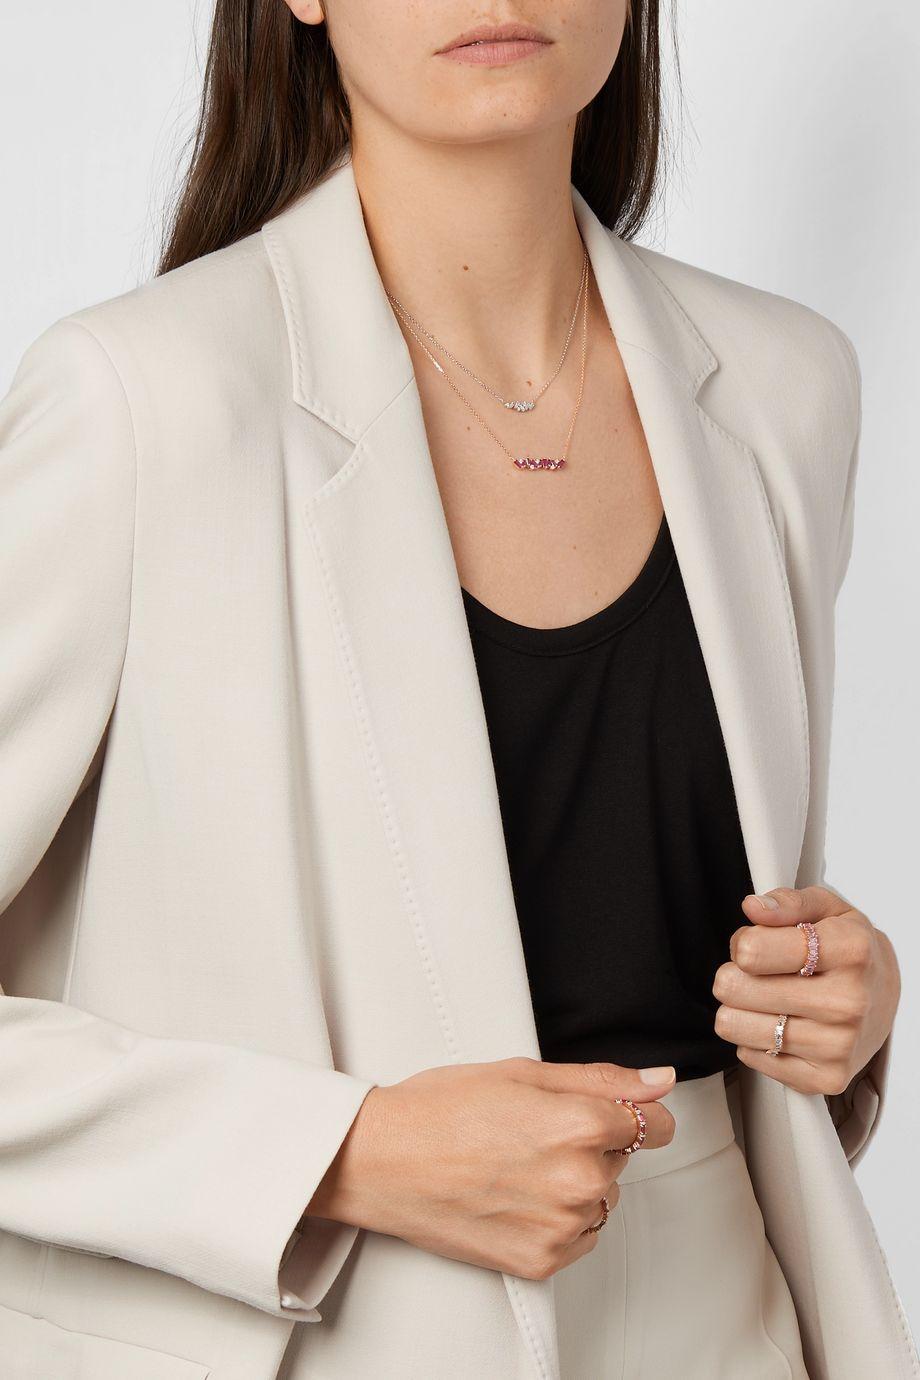 Suzanne Kalan Collier en or rose 18 carats, rubis et diamants